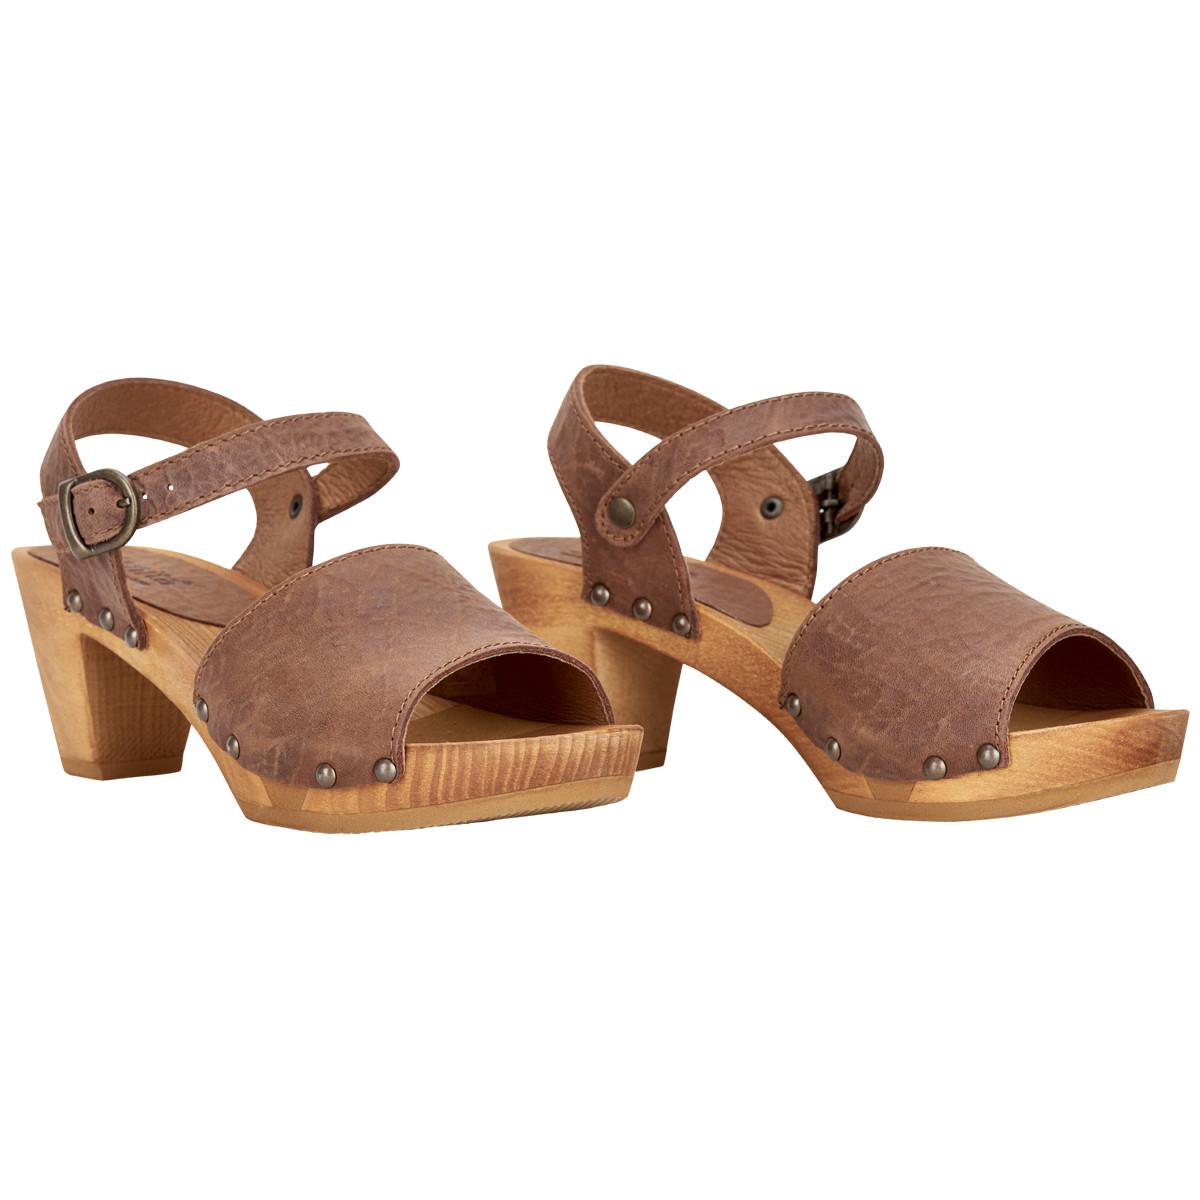 c206ff054f61 • Sanita Vega Flex Sandal 470607 20 • Price 99.9